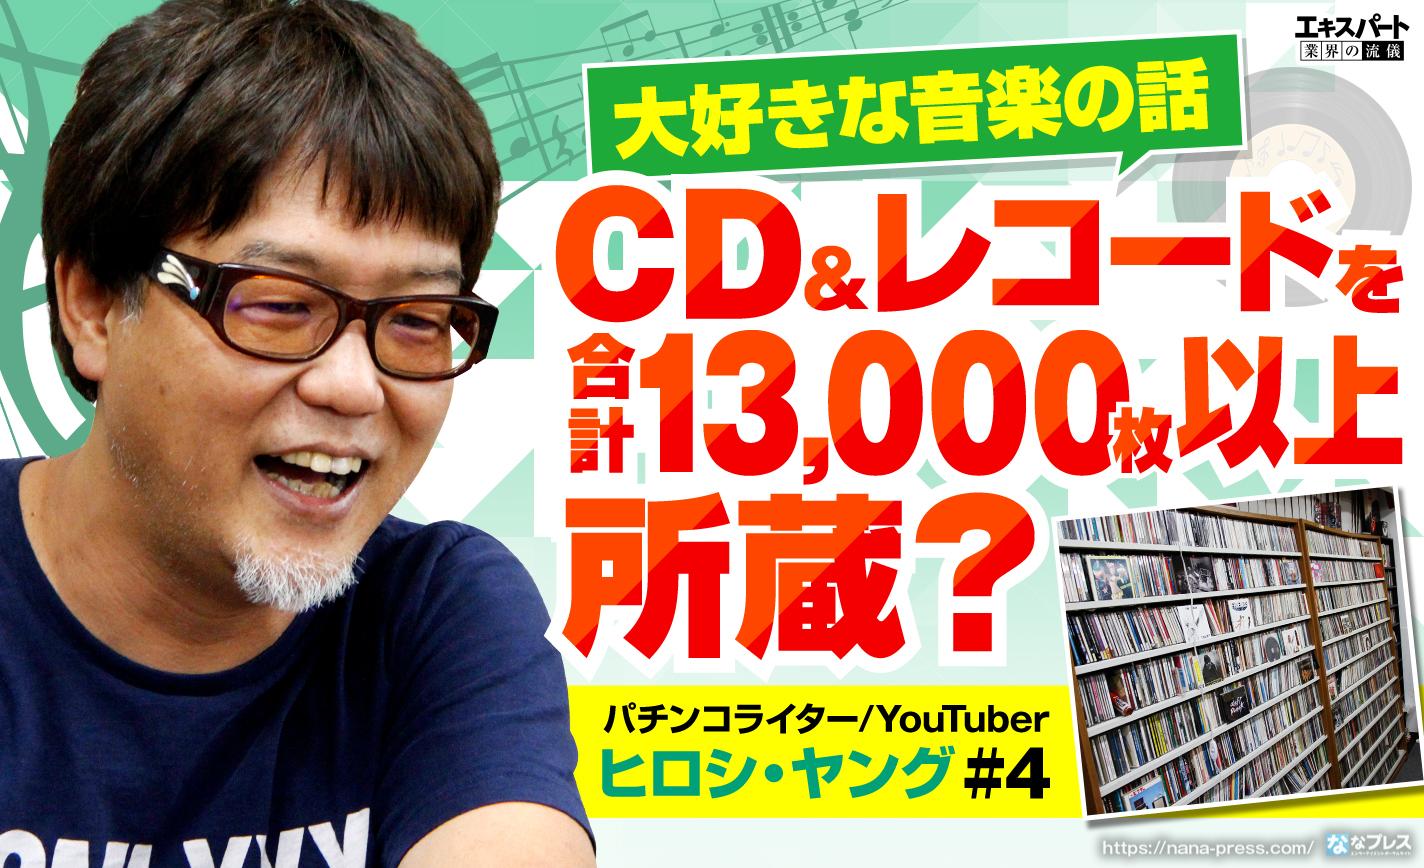 ヒロシ・ヤングと大好きな音楽の話!CD&レコードを合計13,000枚以上所蔵? eyecatch-image